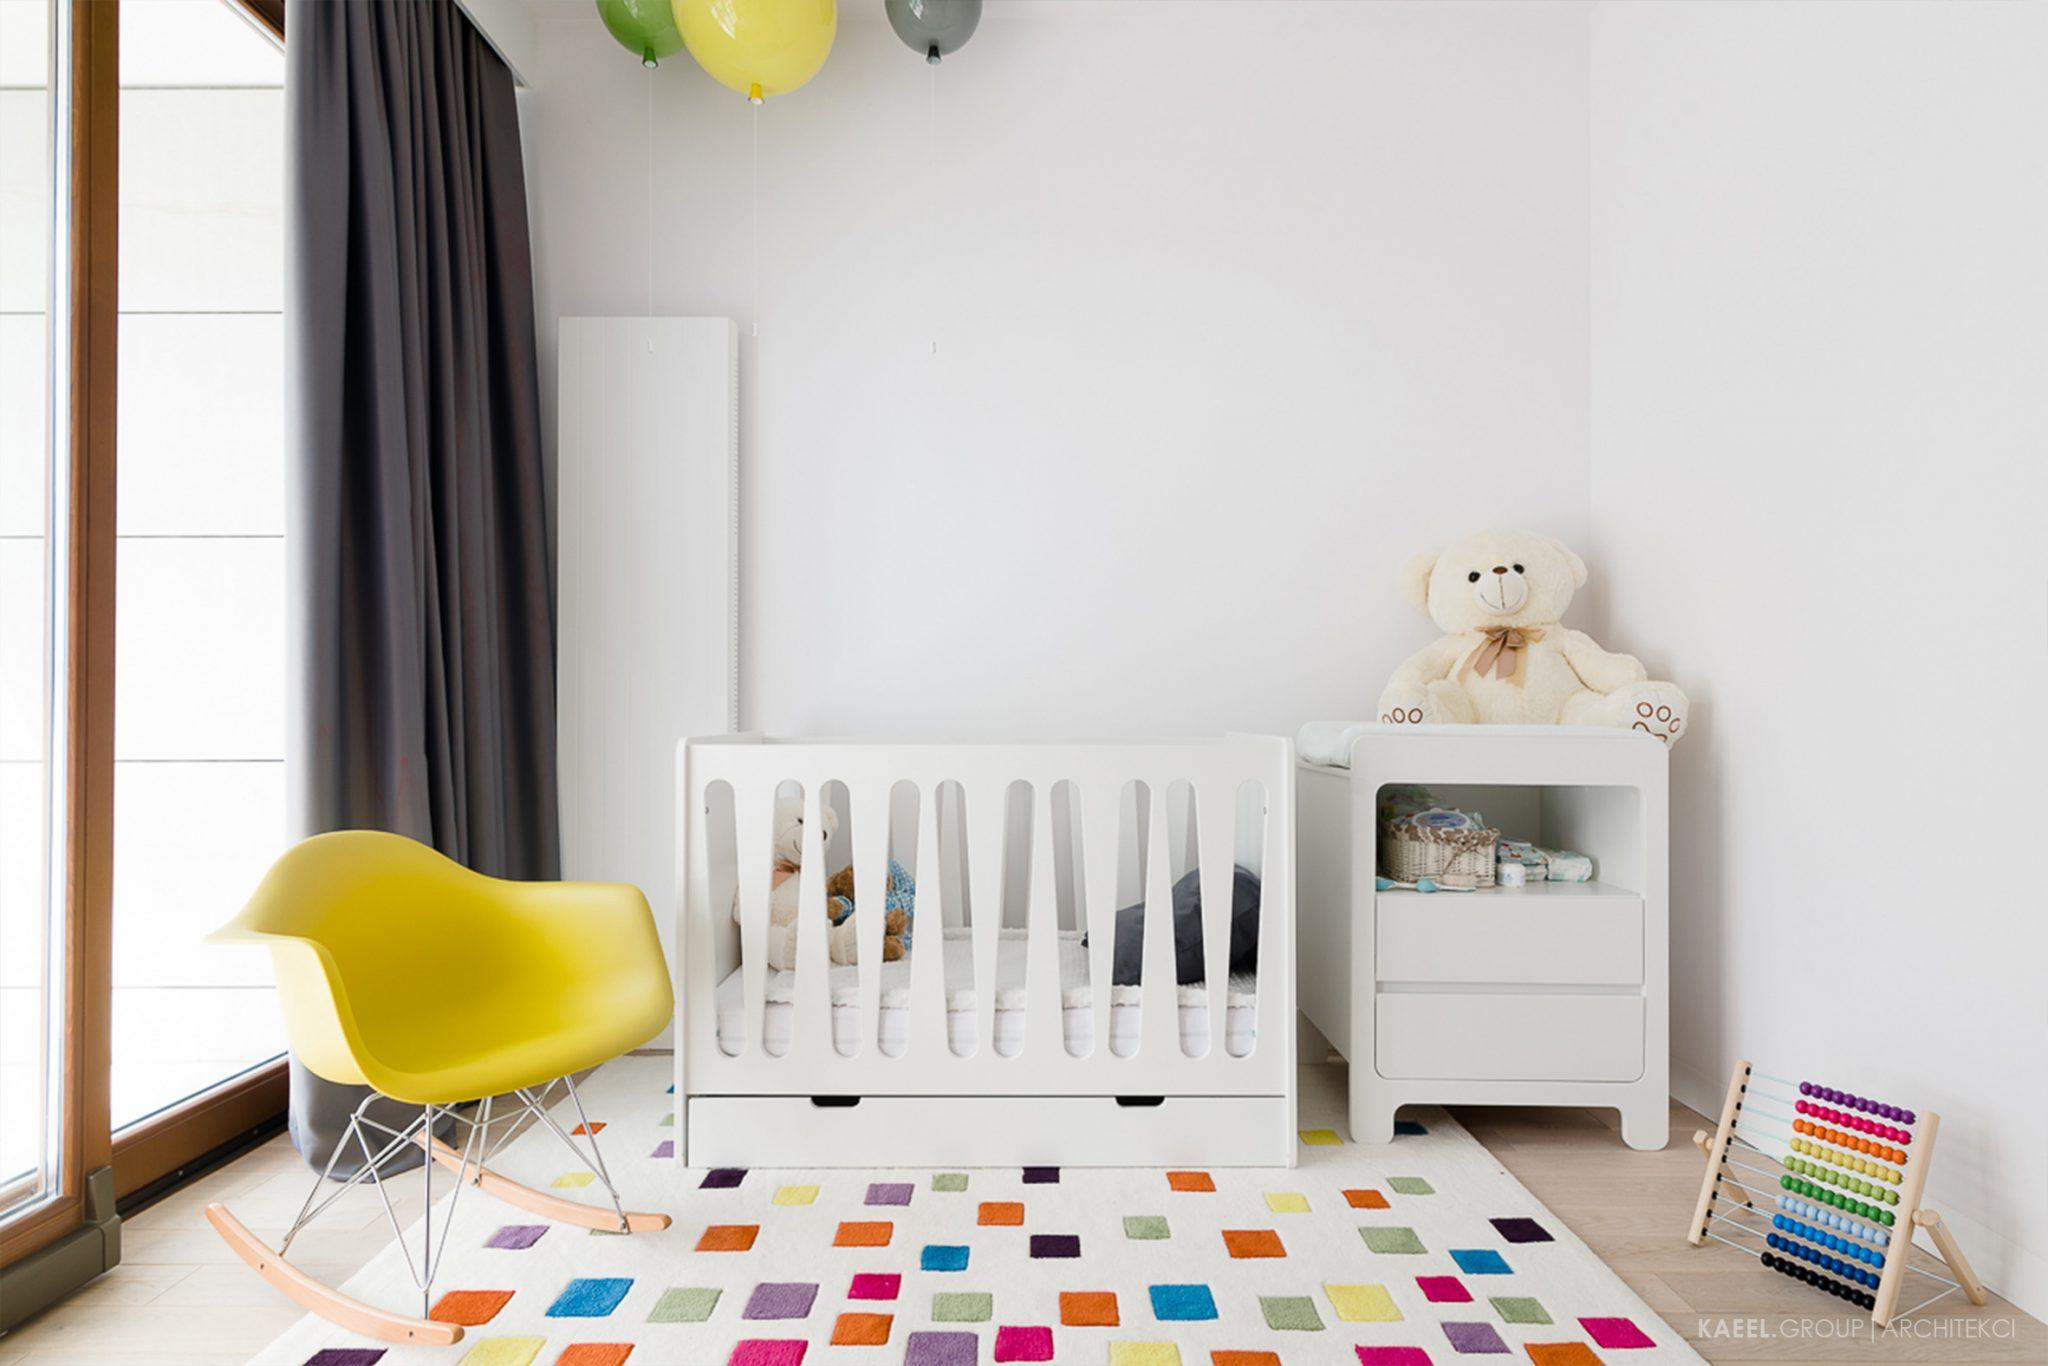 Lampki balony w pokóju dziecięcym